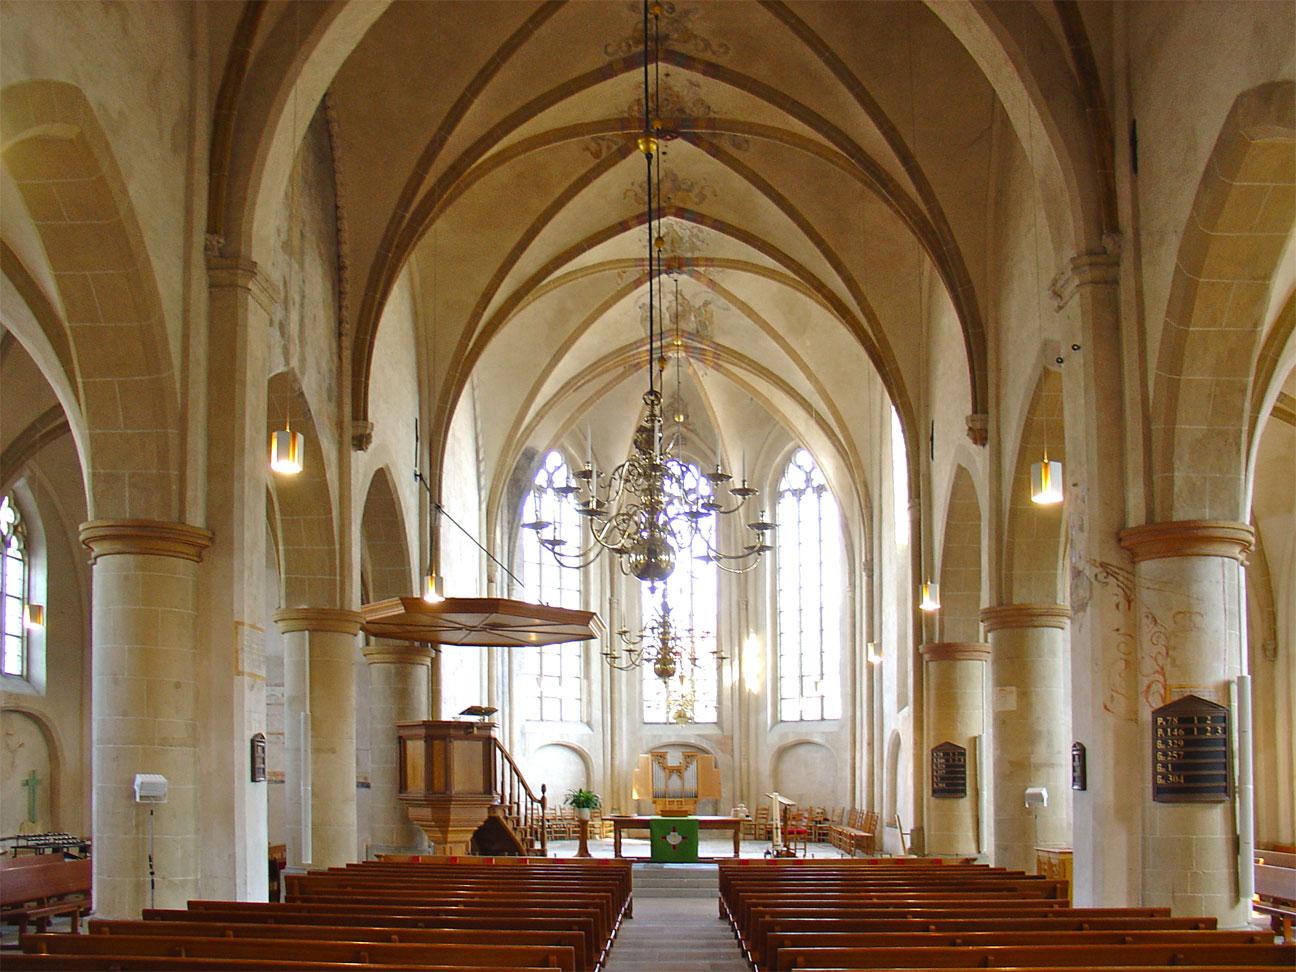 File:Jacobskerk Winterswijk interieur.jpg - Wikimedia Commons